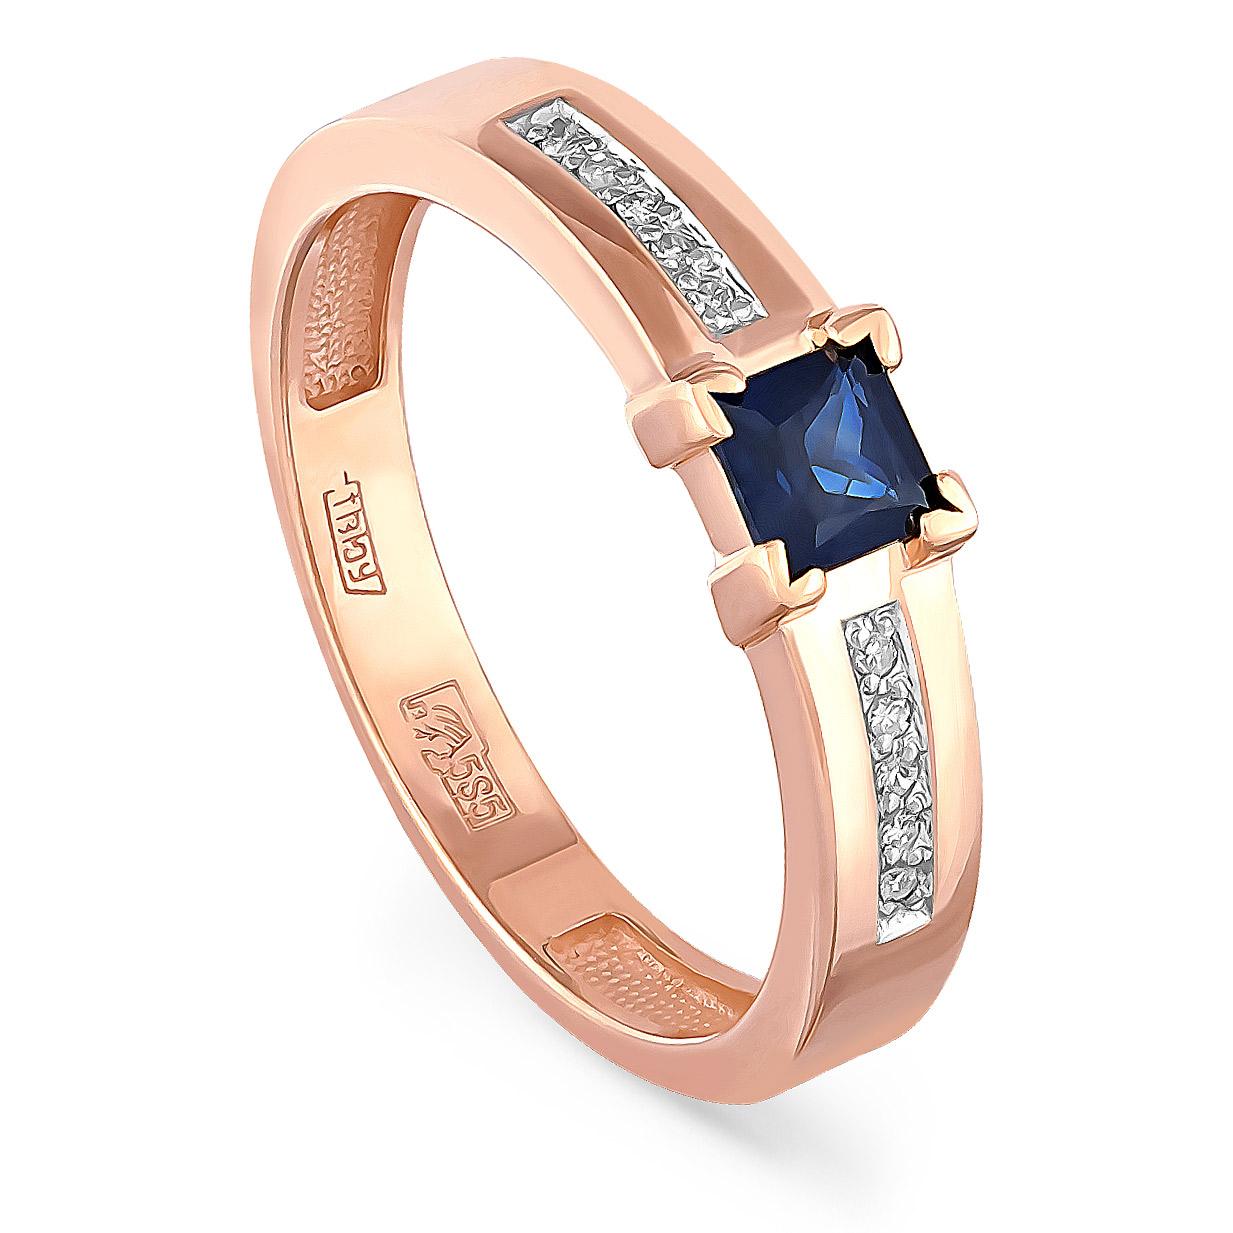 Золотое кольцо Бриллиант и Сапфир арт. 11-01083-1100 11-01083-1100